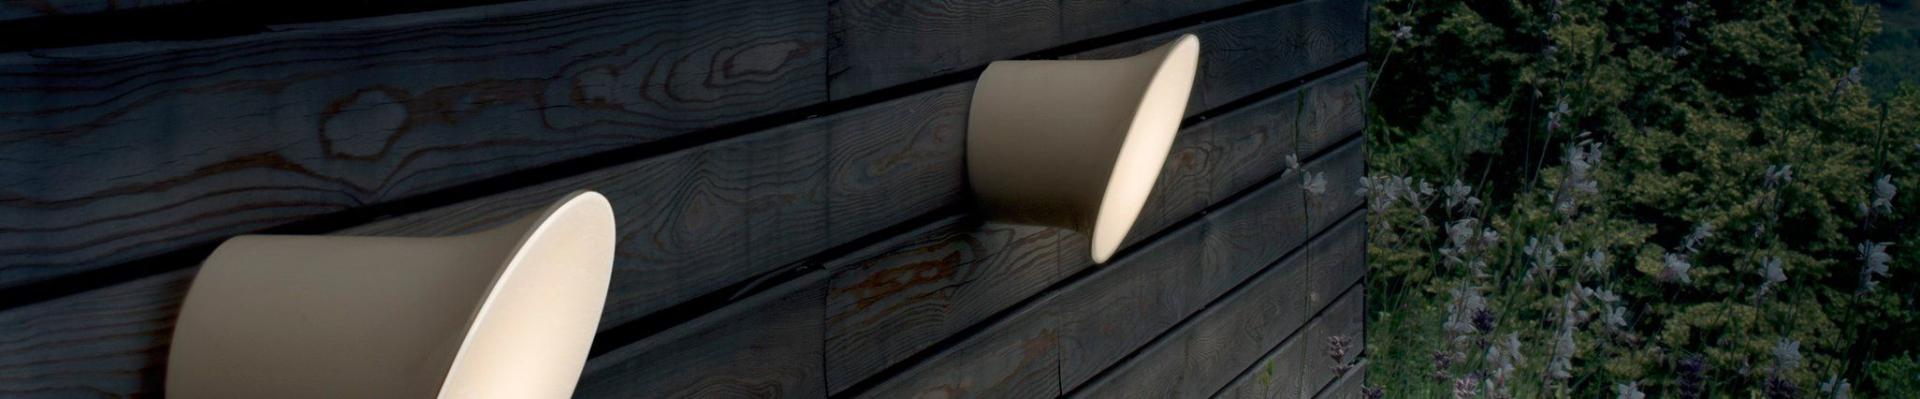 Luceplan buitenlampen